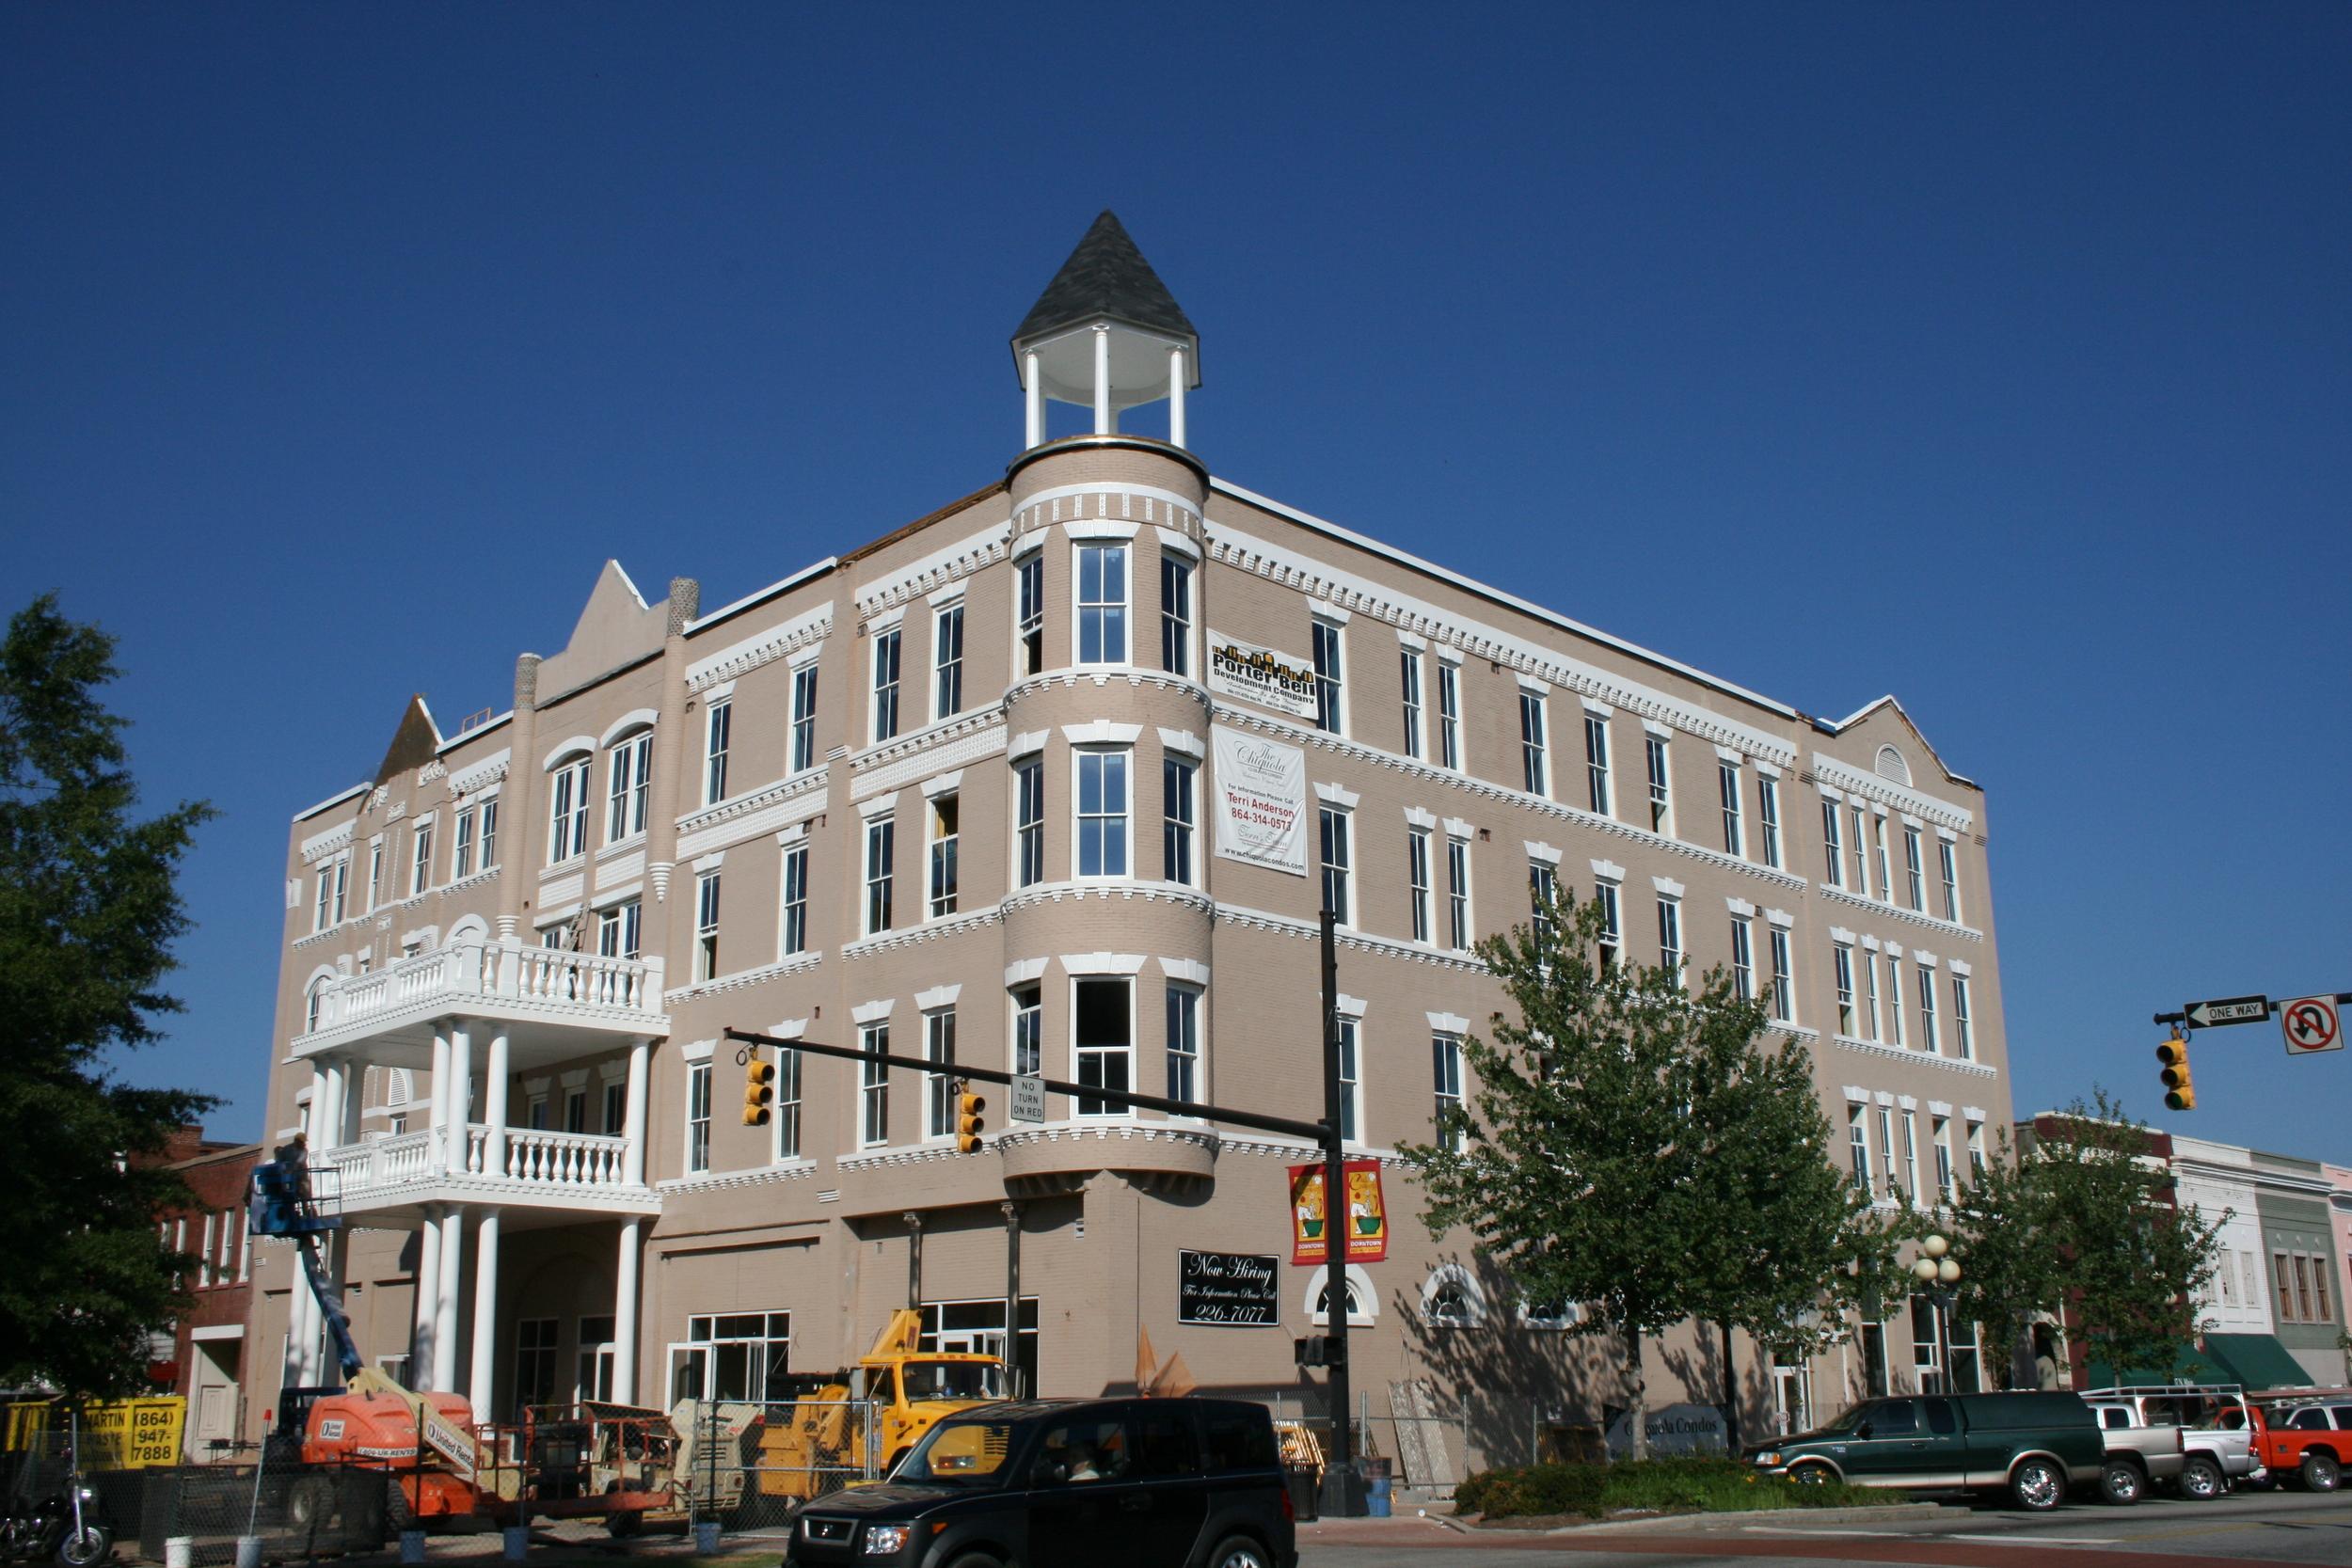 The Chiquola Condominiums